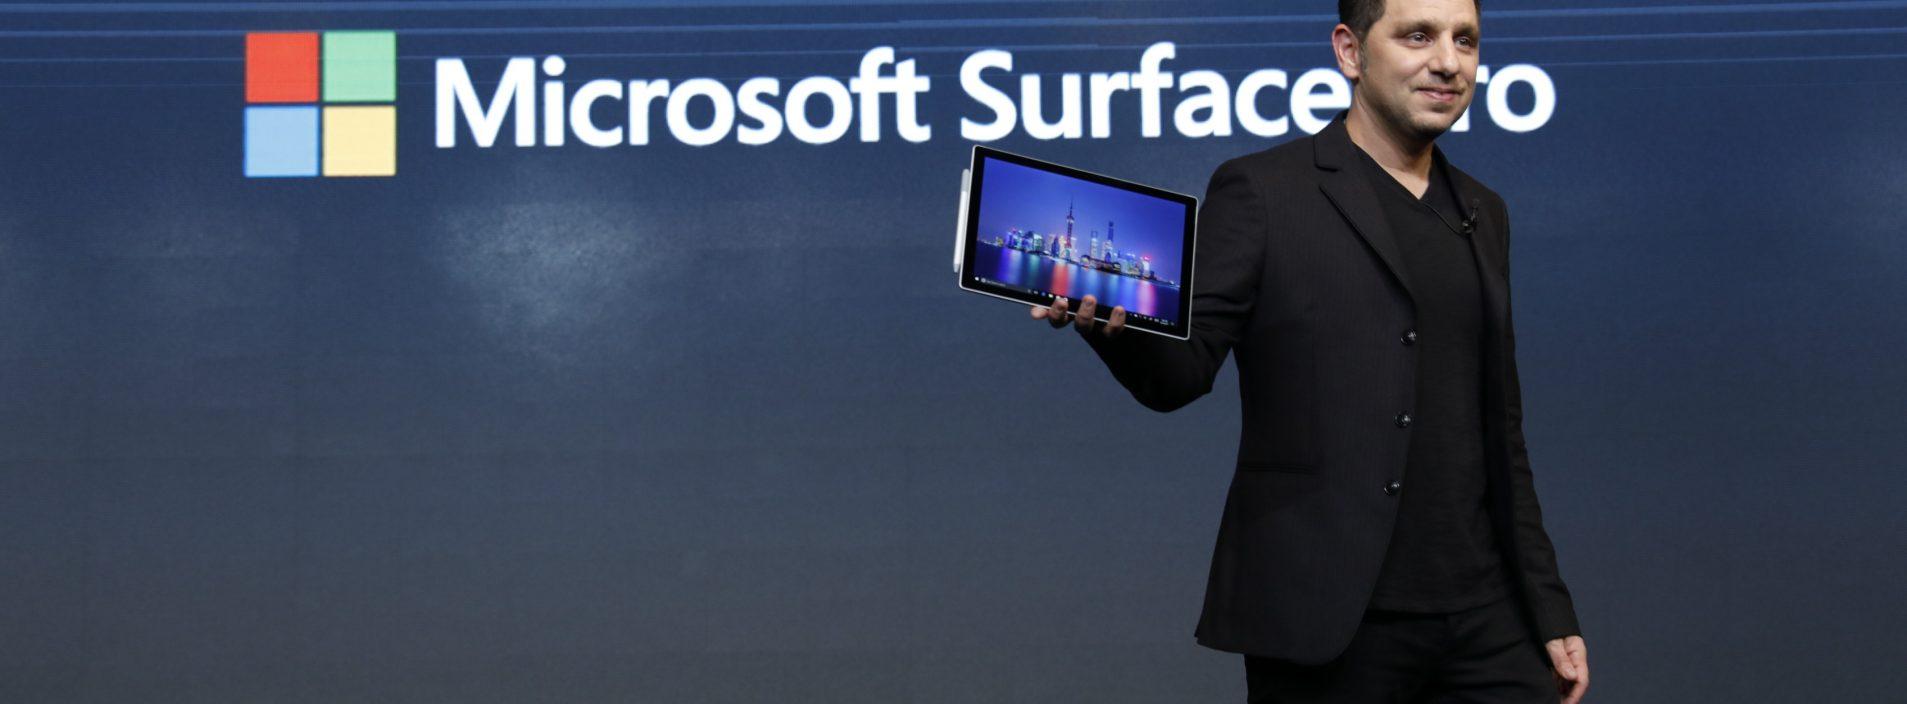 Mercado chinês ganha enxurrada de produtos e serviços Microsoft e o Brasil…